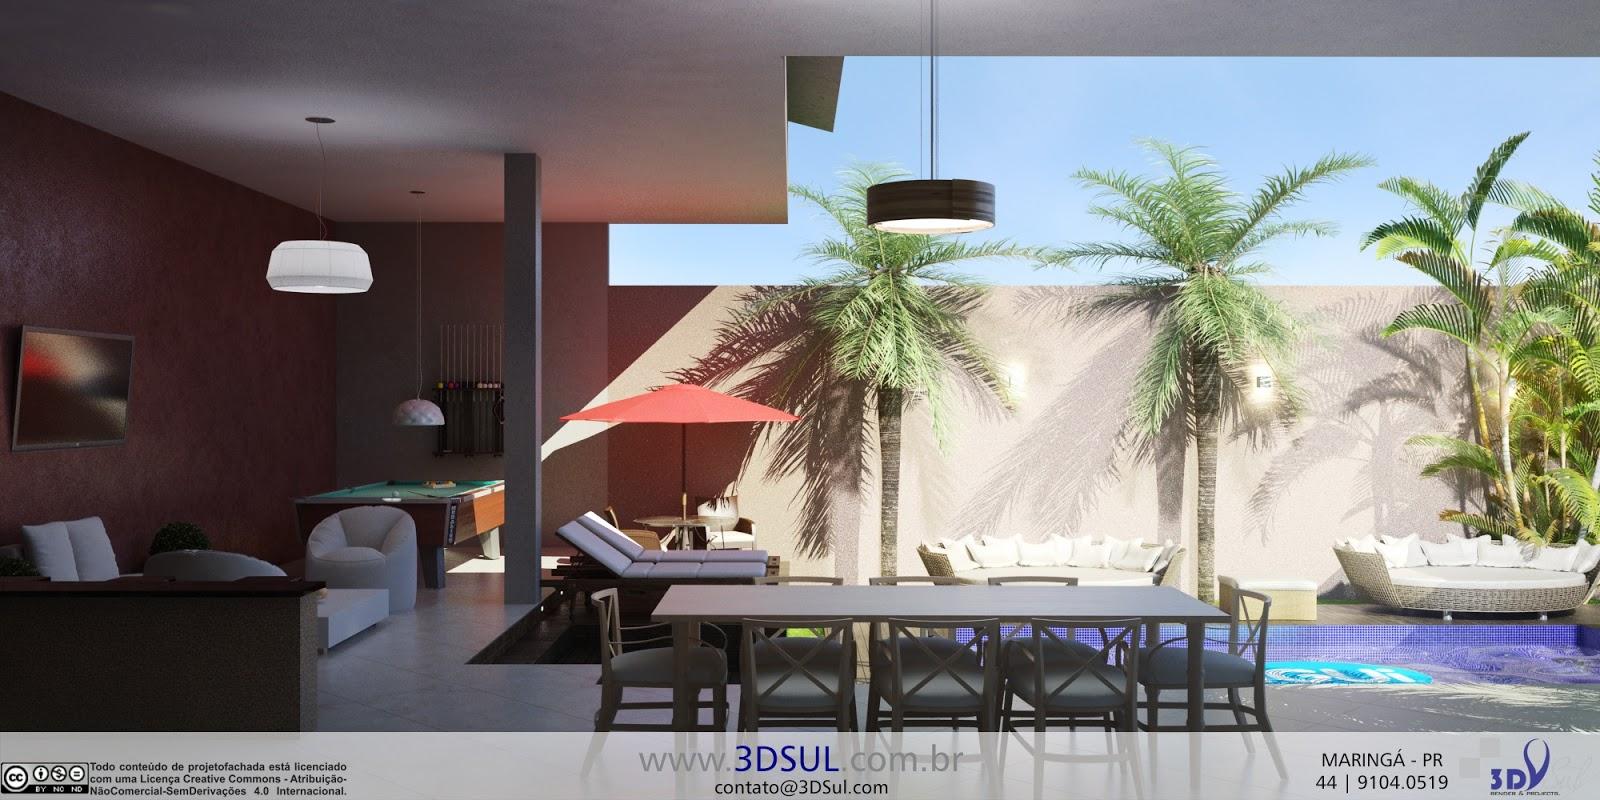 3dsul maquete eletr nica 3d projeto ed cula moderna for Casa moderna 2015 orari